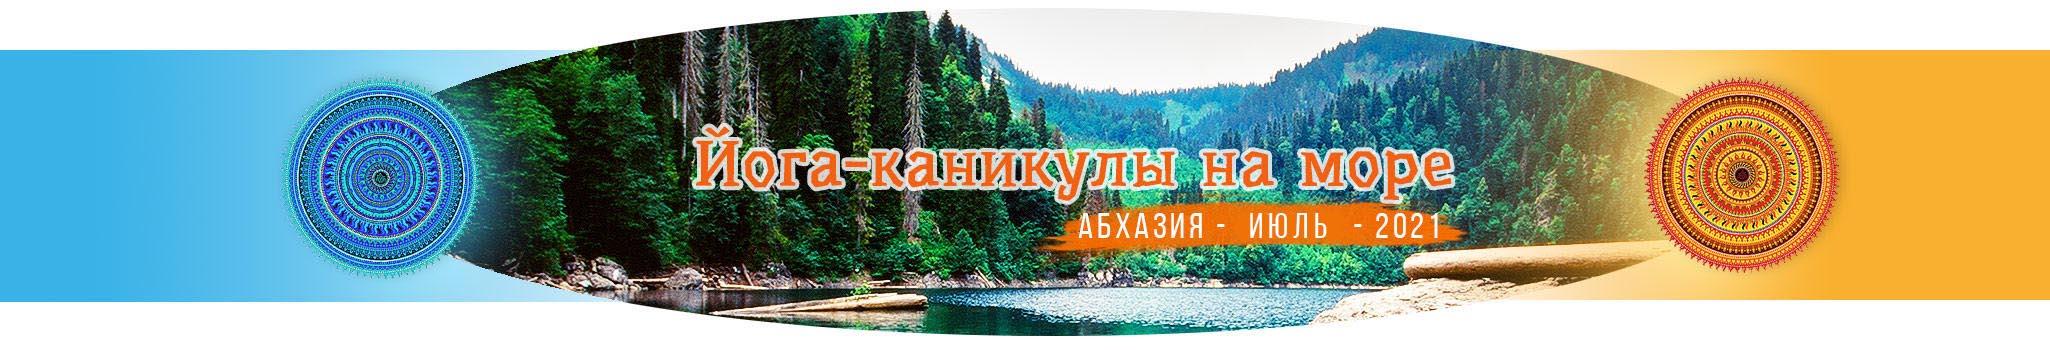 Йога-каникулы в Абхазии